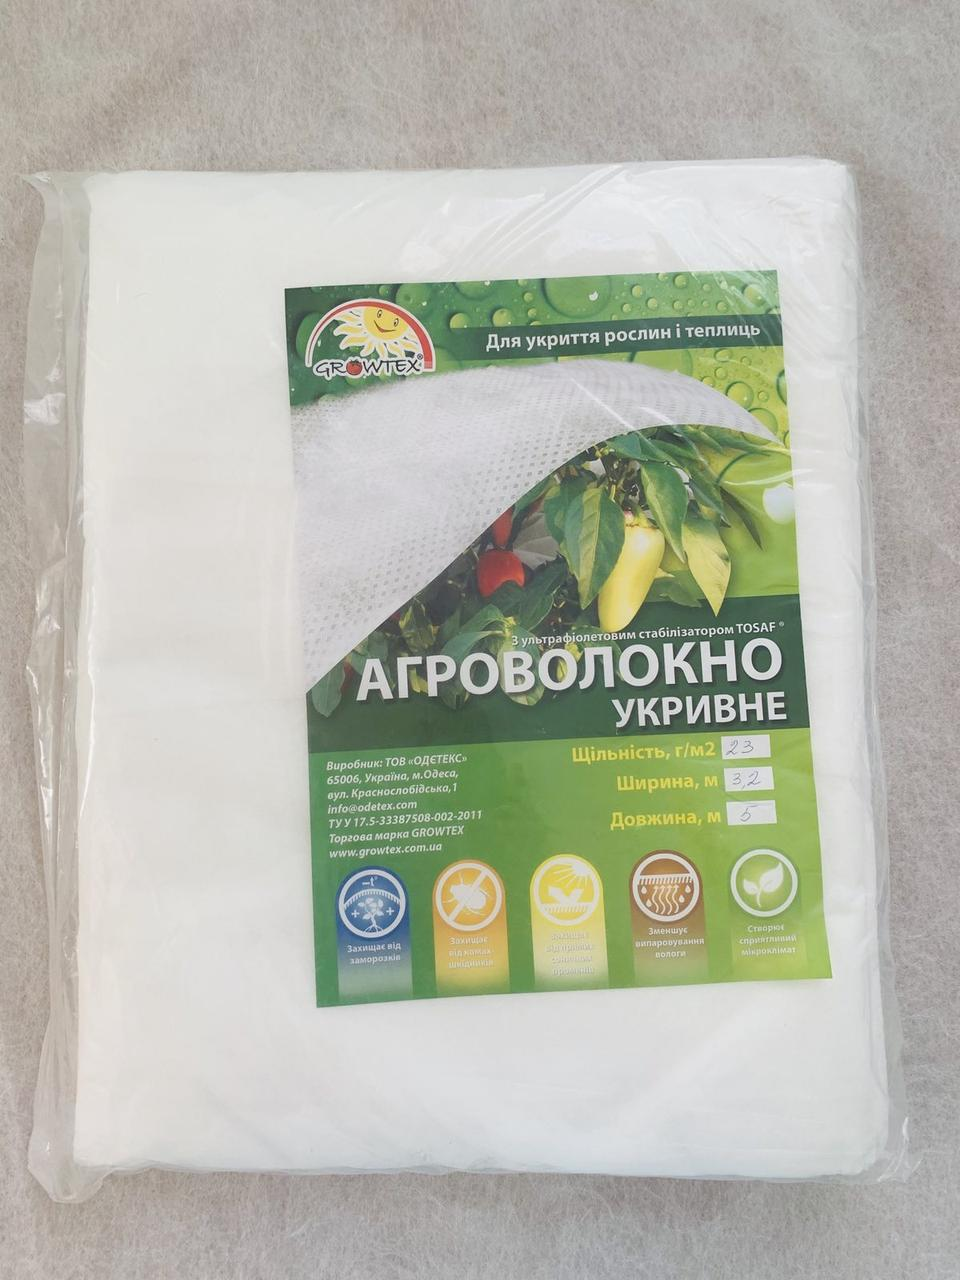 Агроволокно біле в пакеті 23 г/м2 3,2*5 м Одетекс